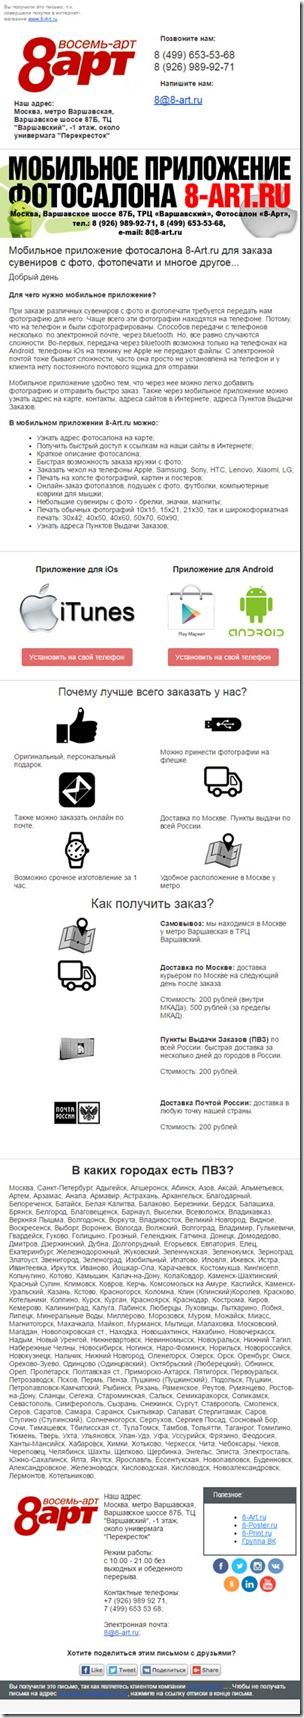 Unisender.com – Краткий обзор сервиса по рассылке